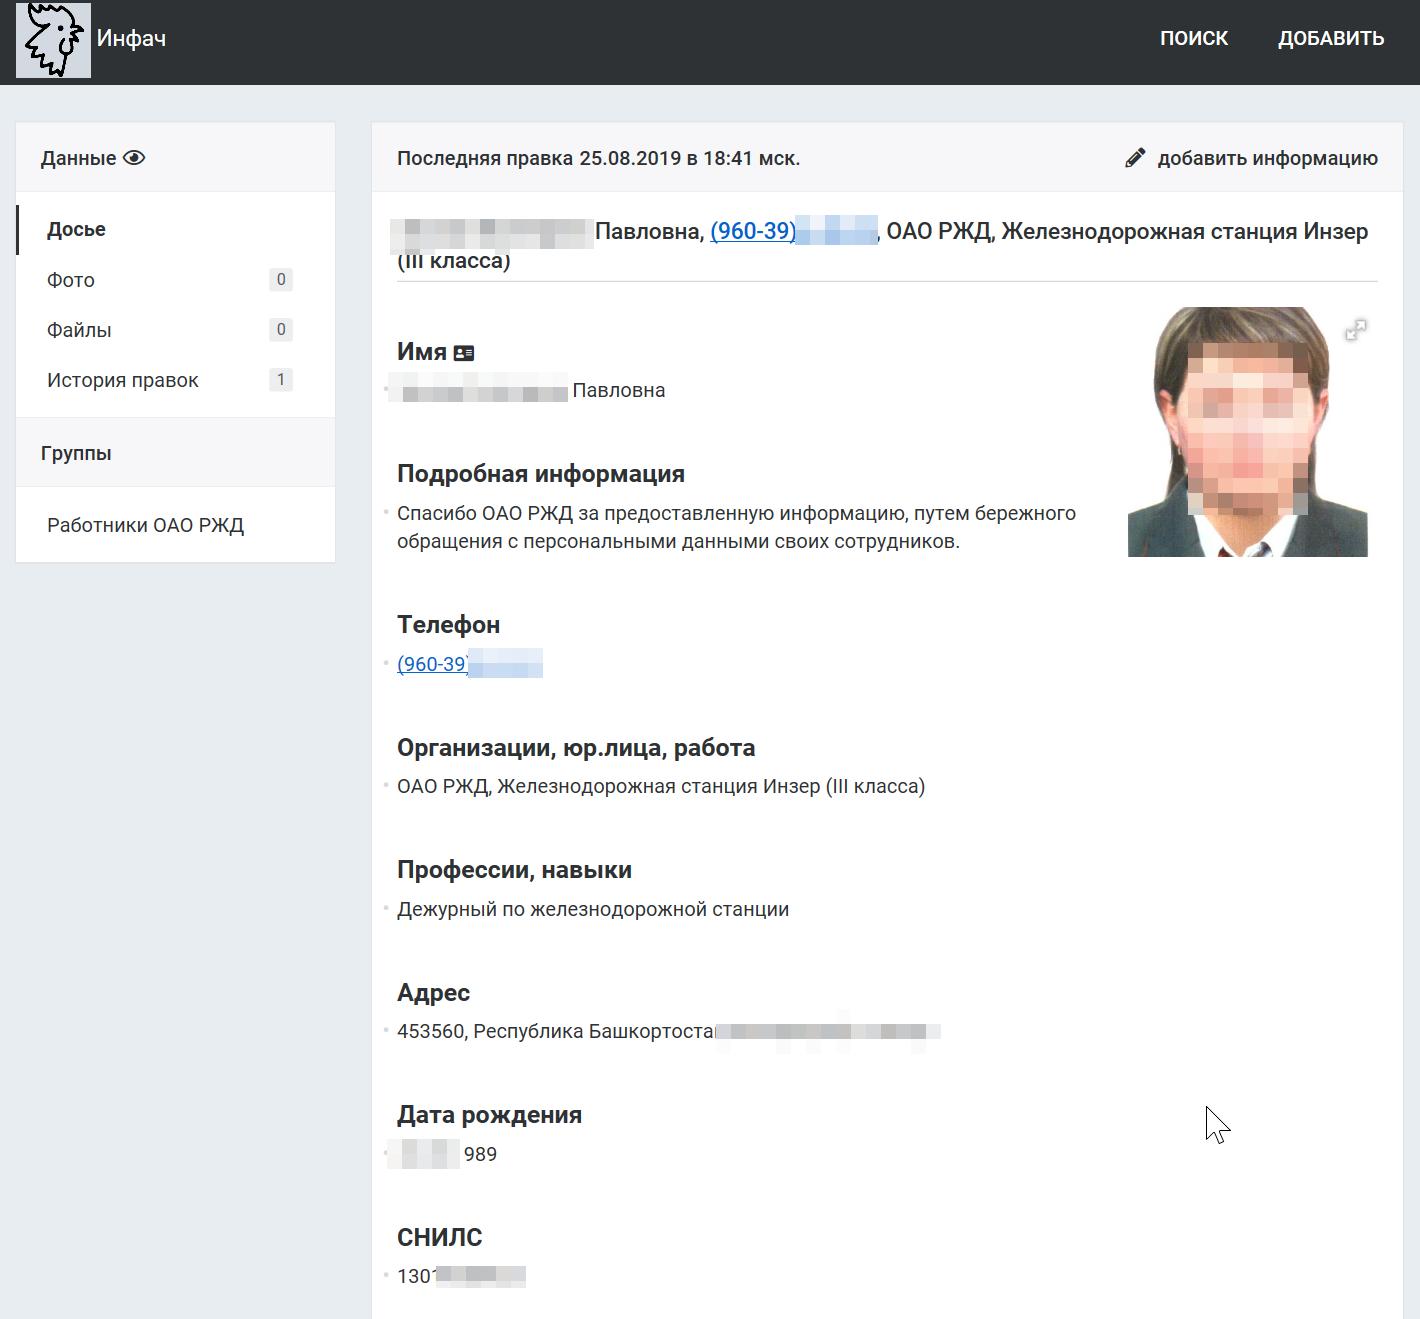 Утечка персональных данных предположительно сотрудников ОАО «РЖД» - 2